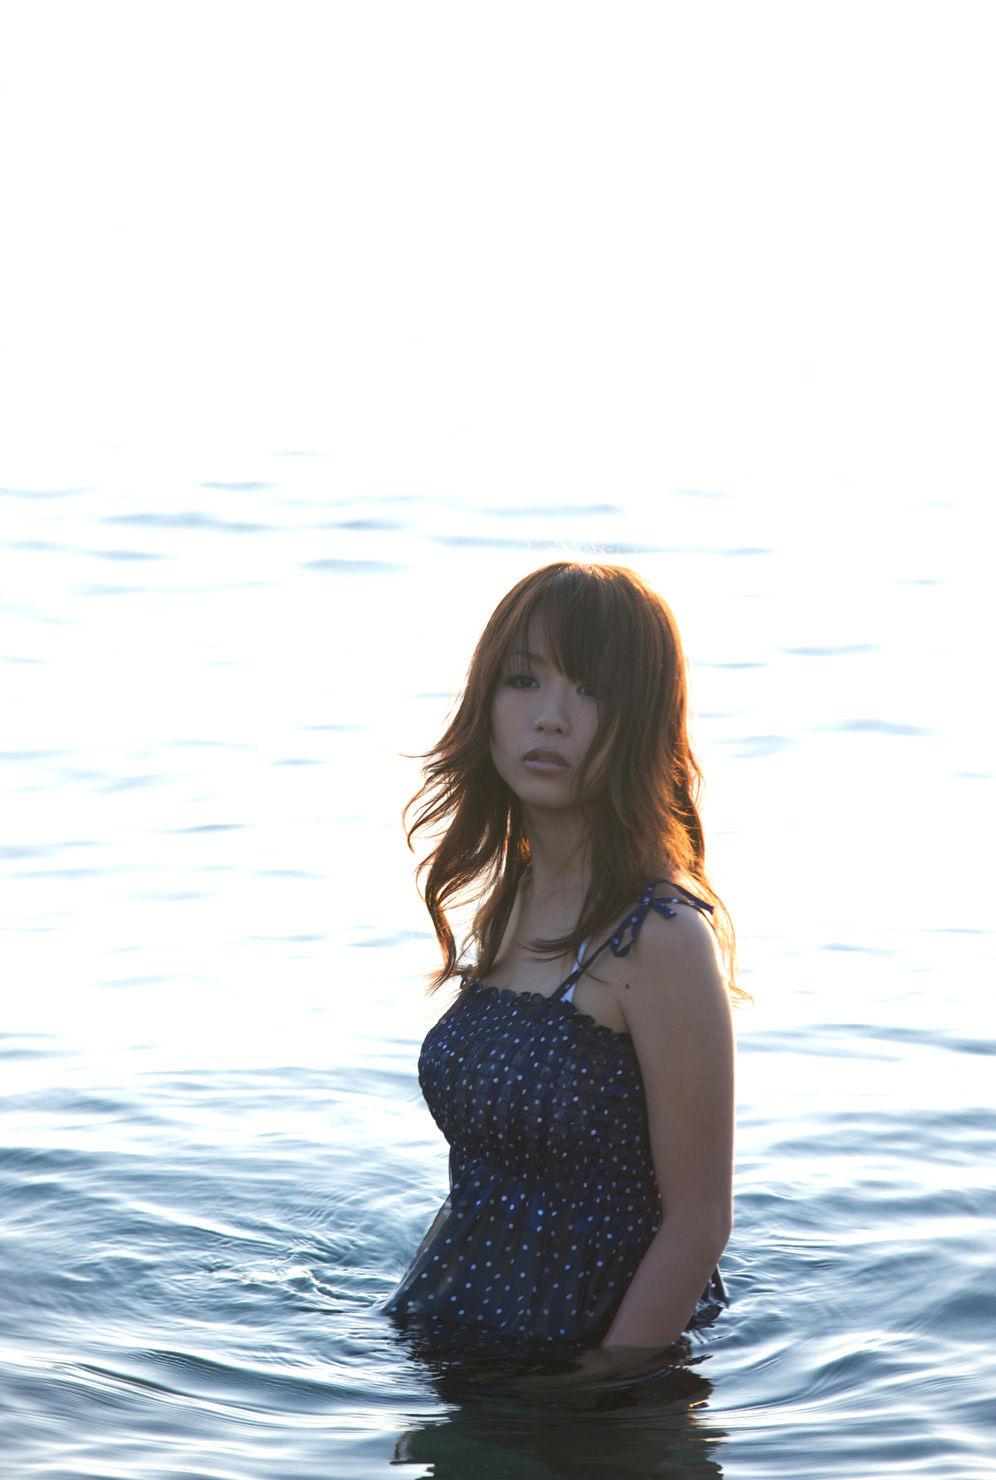 西田麻衣 画像 高画質 25